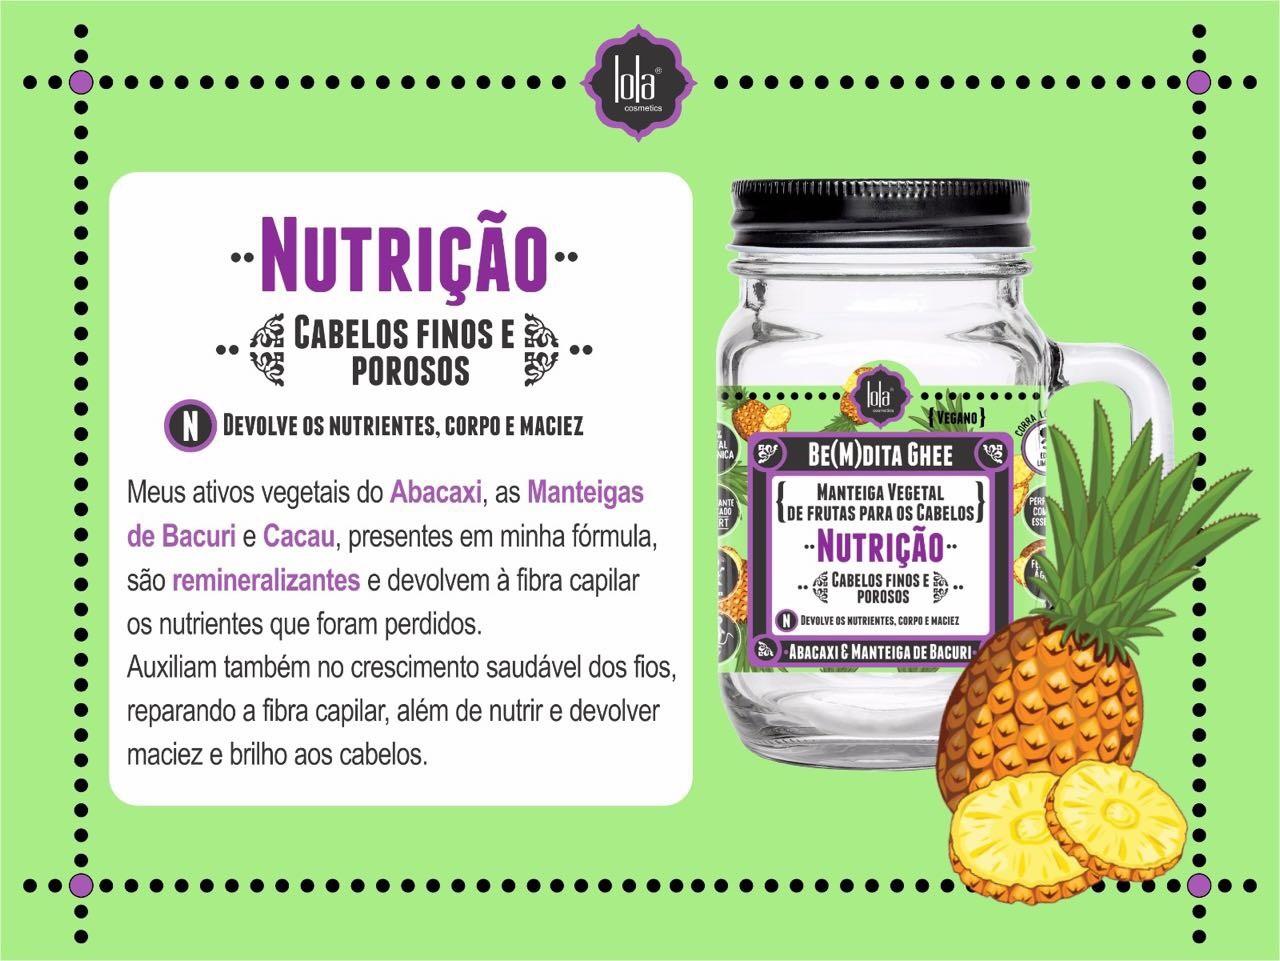 Lola Cosmetics Be(m)dita Ghee Abacaxi e Manteiga de Bacuri Máscara de Nutrição 350g